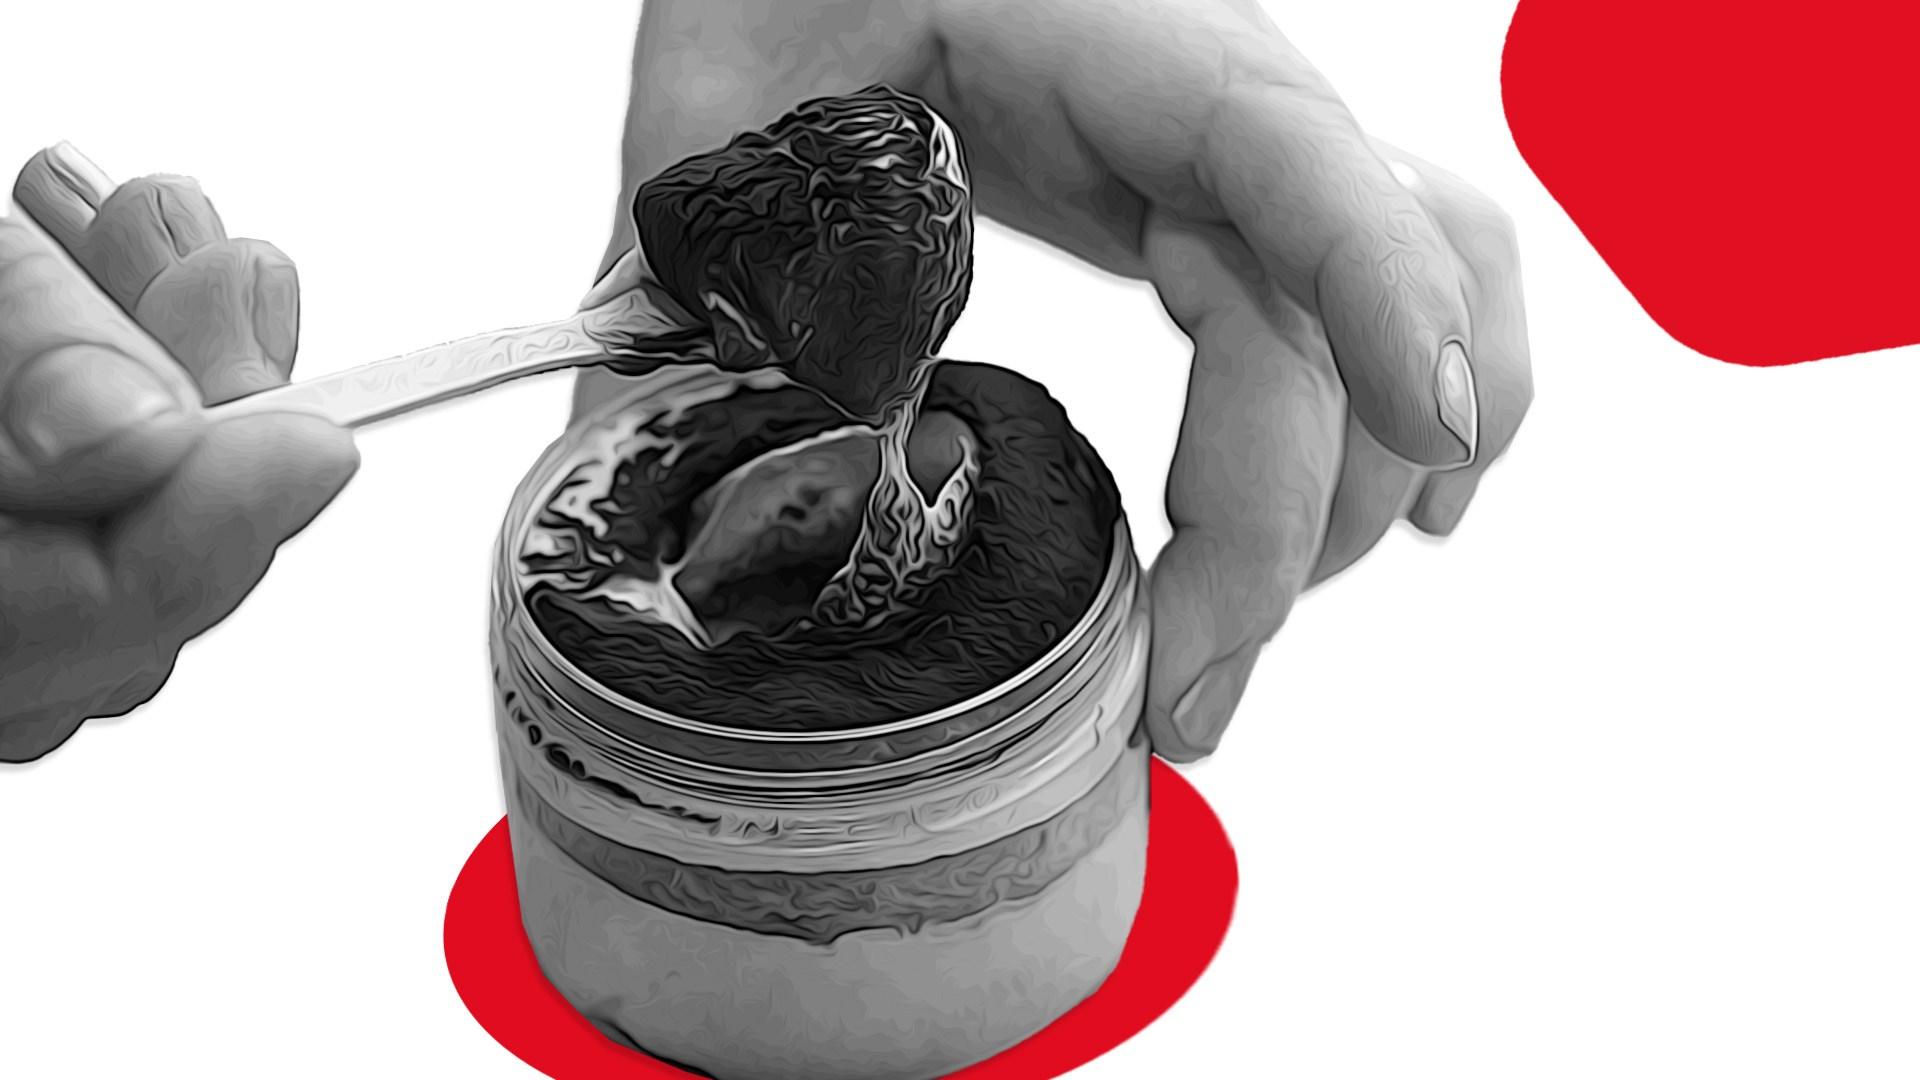 Oltre 22.000 kg di tiramisù a domicilio ordinati su Just Eat nell'ultimo anno